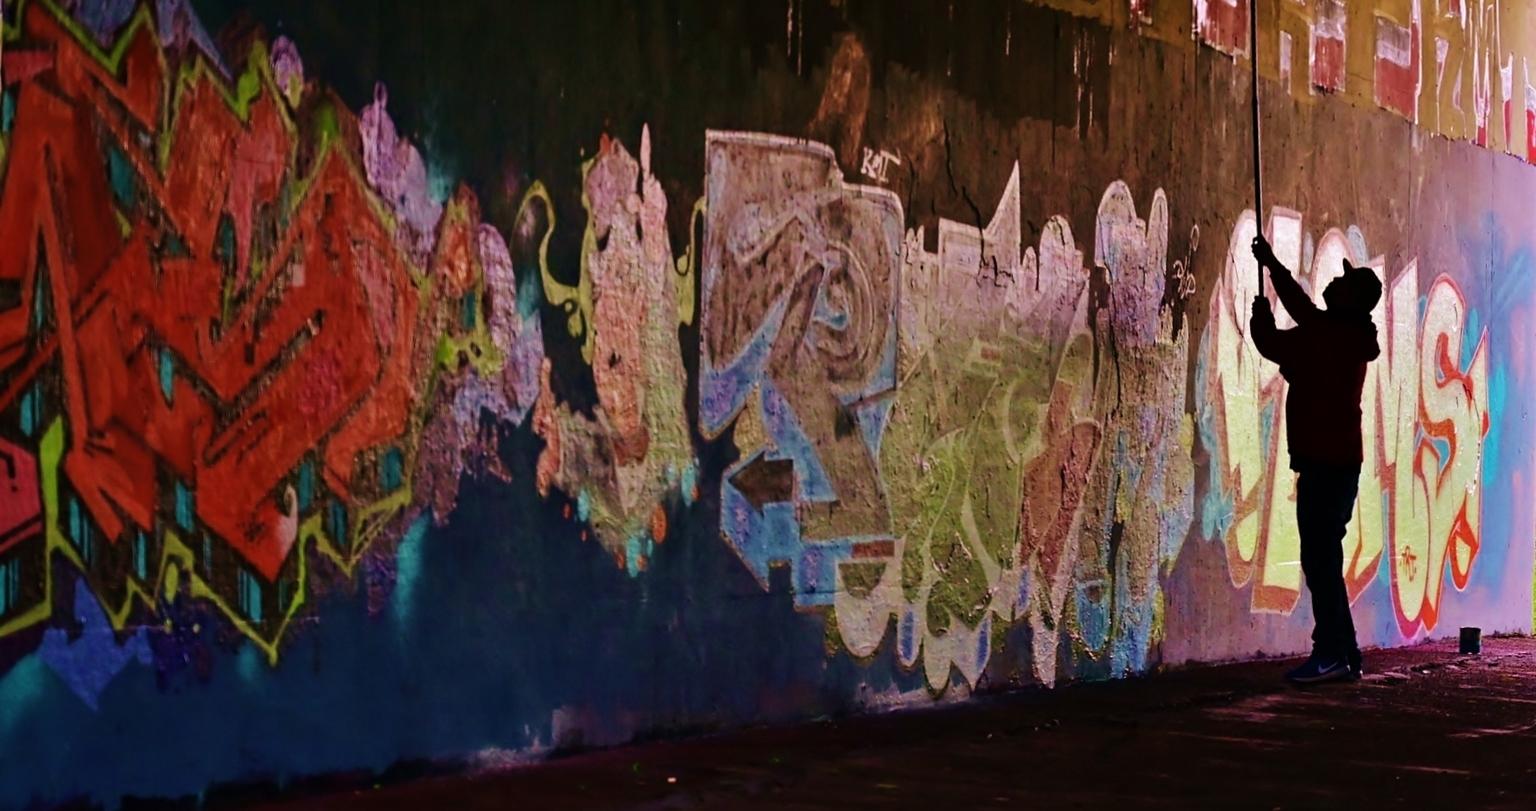 Master Art..... - ..... gespot deze kunstenaar aan het werk bij de viaduct aan de  Wantijdijk  nabij de N3. - foto door f.arts1 op 16-04-2021 - locatie: Wantijdijk, Dordrecht, Nederland - deze foto bevat: kunst verf, wereld, verf, roze, lijn, muur, artiest, graffiti, kunst, tinten en schakeringen